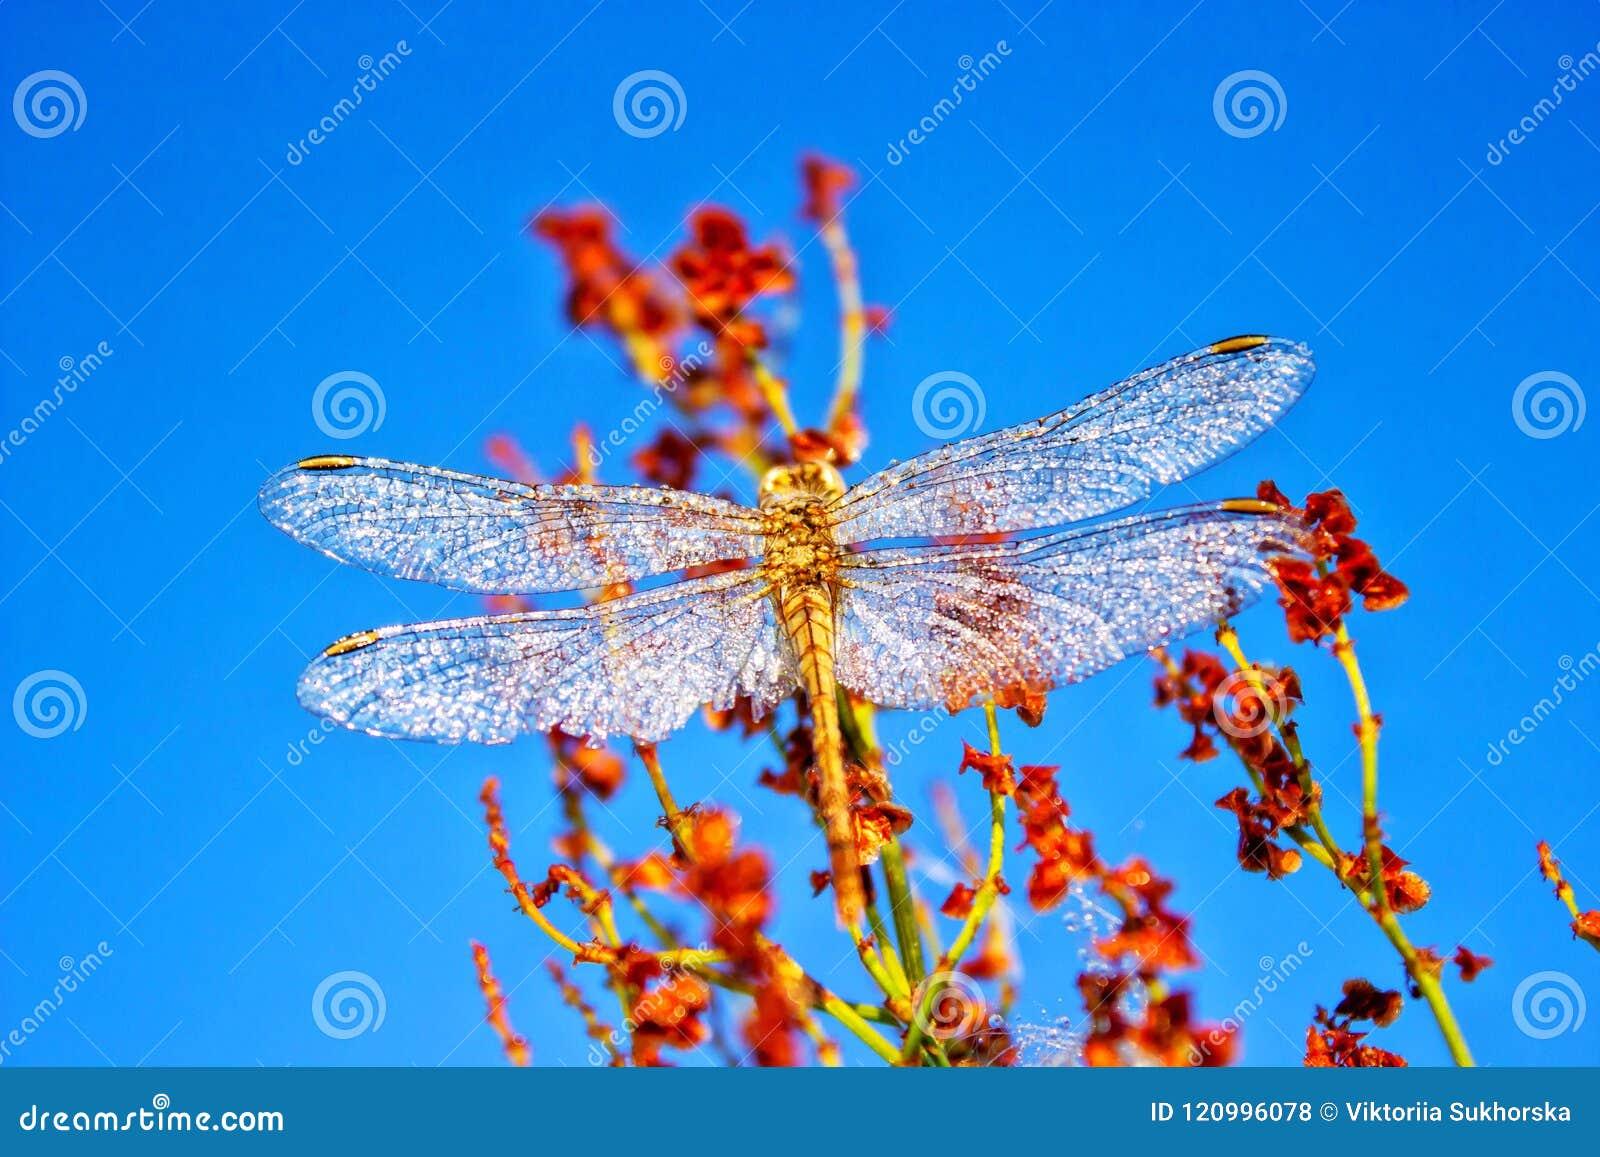 Piękny insekt dragonfly Sympetrum Vulgatum Przeciw tłu niebieskiego nieba tło tonowanie